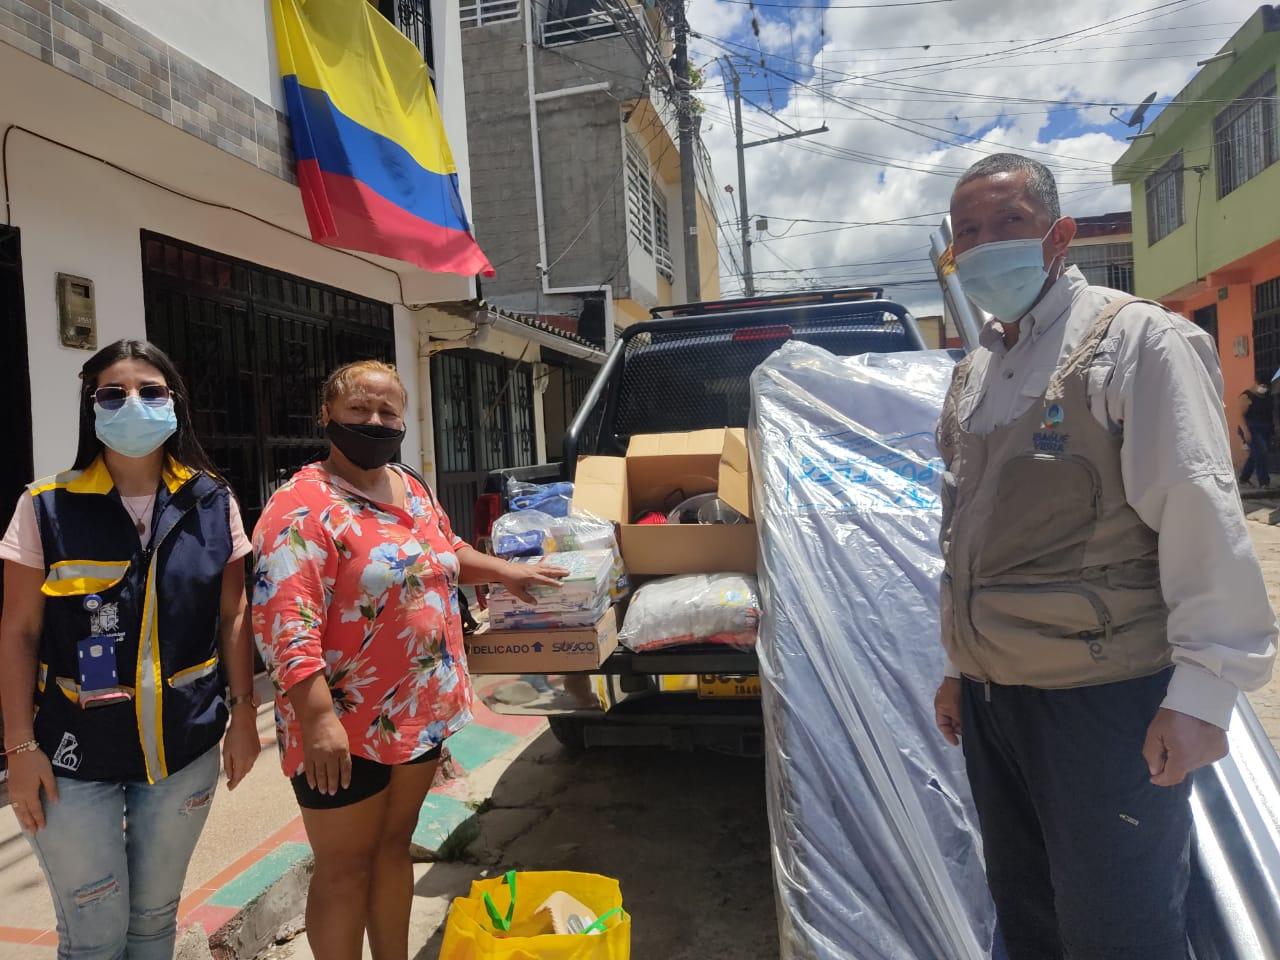 Entregan ayudas humanitarias a damnificados por incendio estructural en Villa Luces